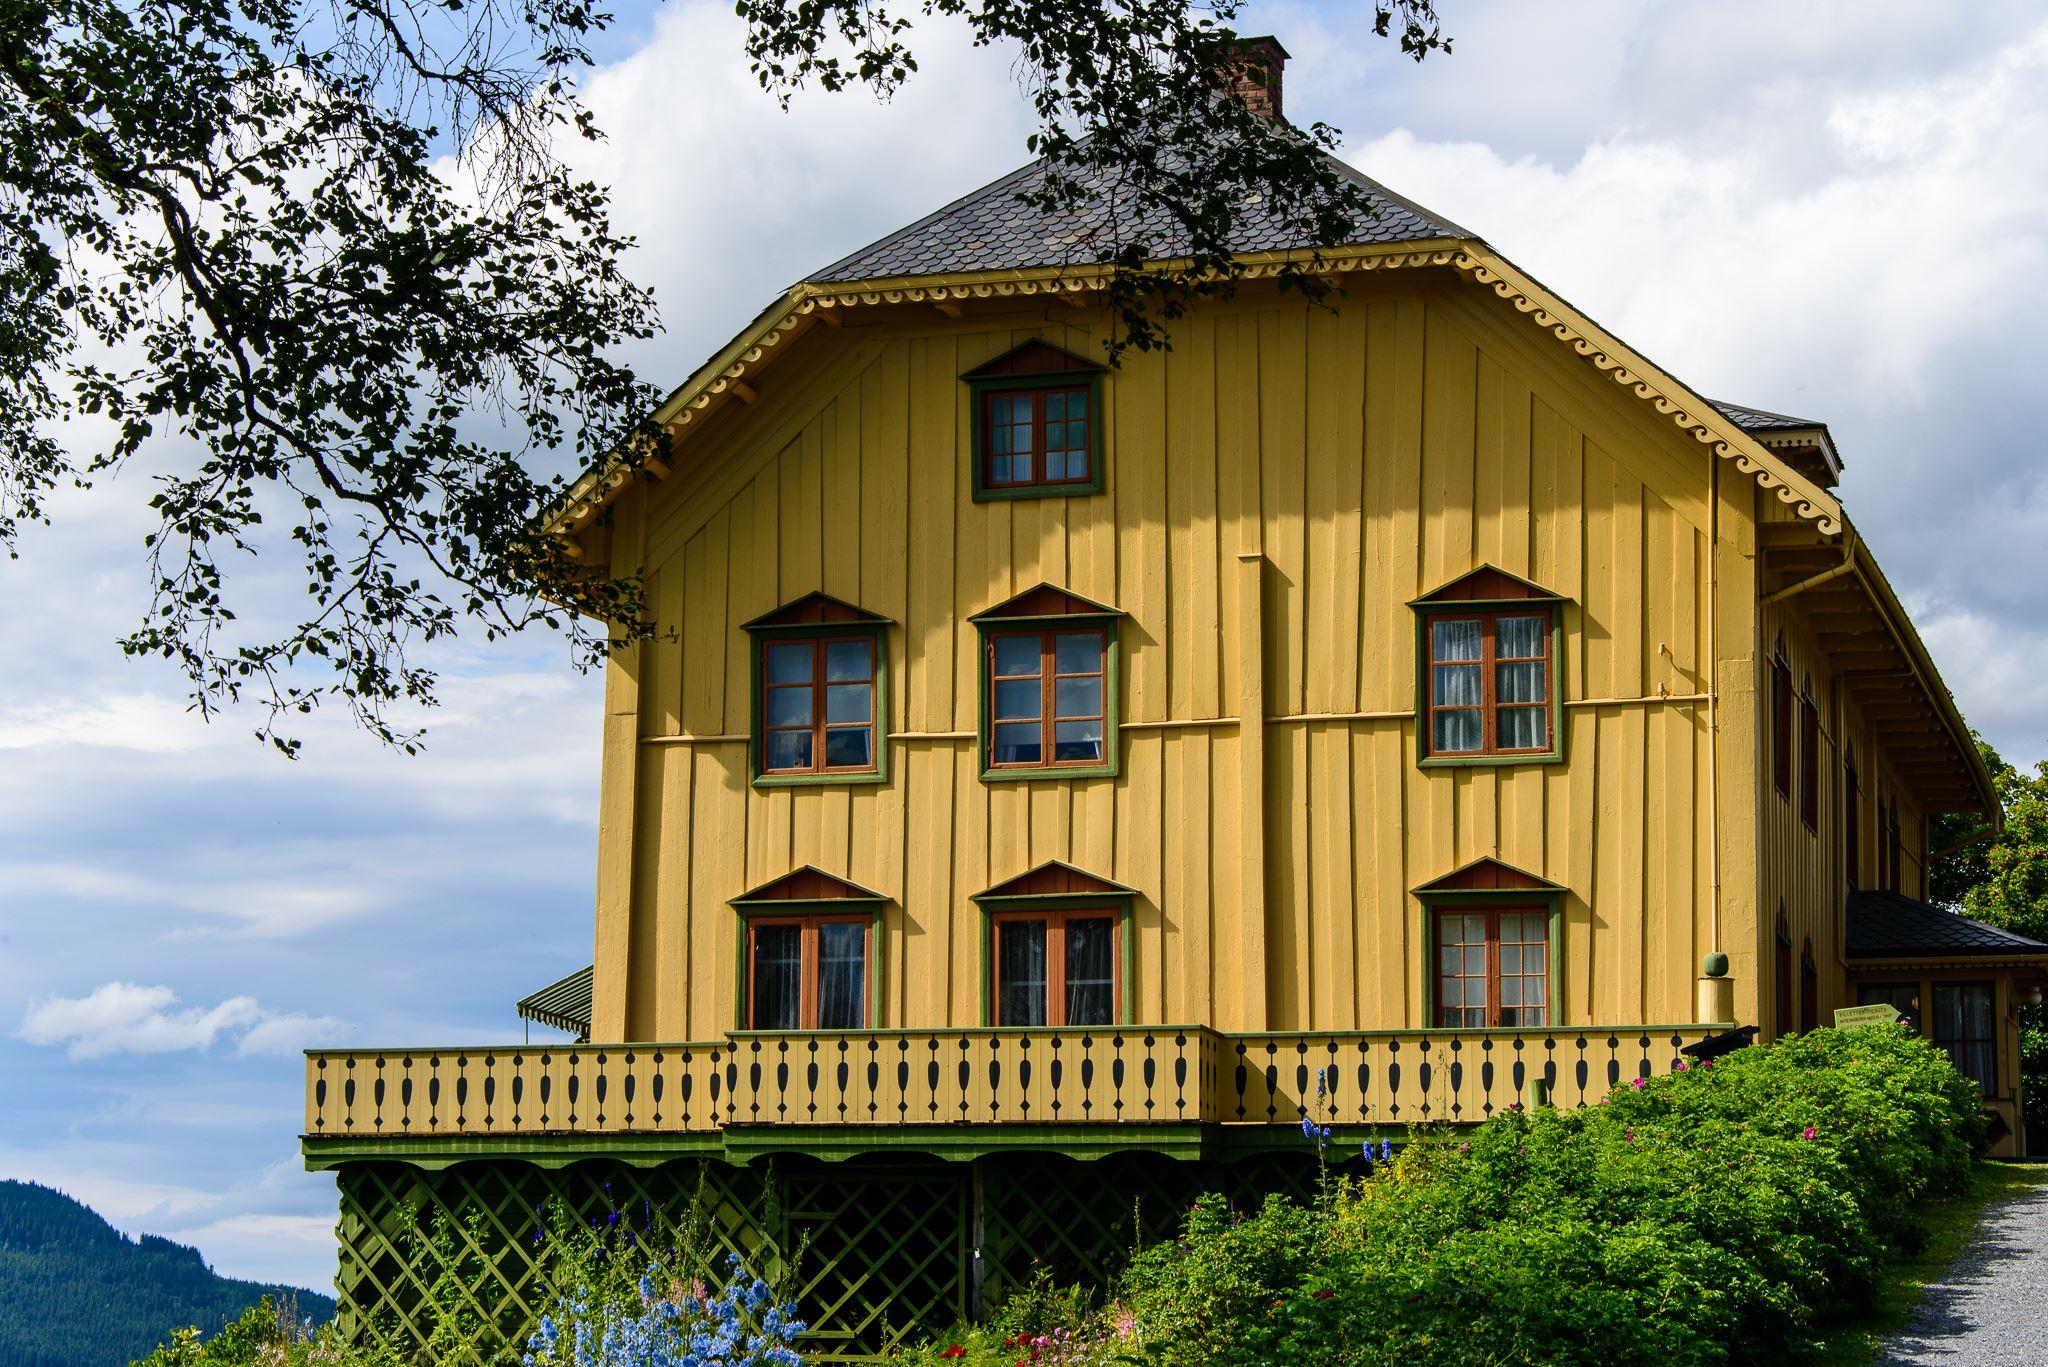 Aulestad- Bjørnstjerne Bjørnsons home